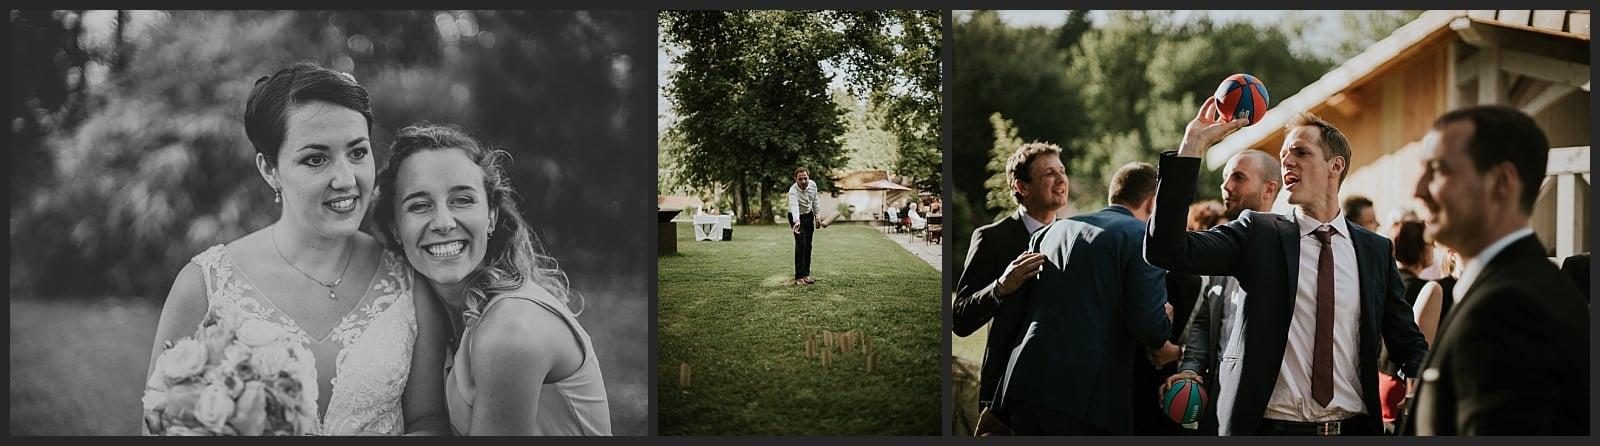 Mariée et demoiselle d'honneur Invités qui jouent au basket et aux quilles